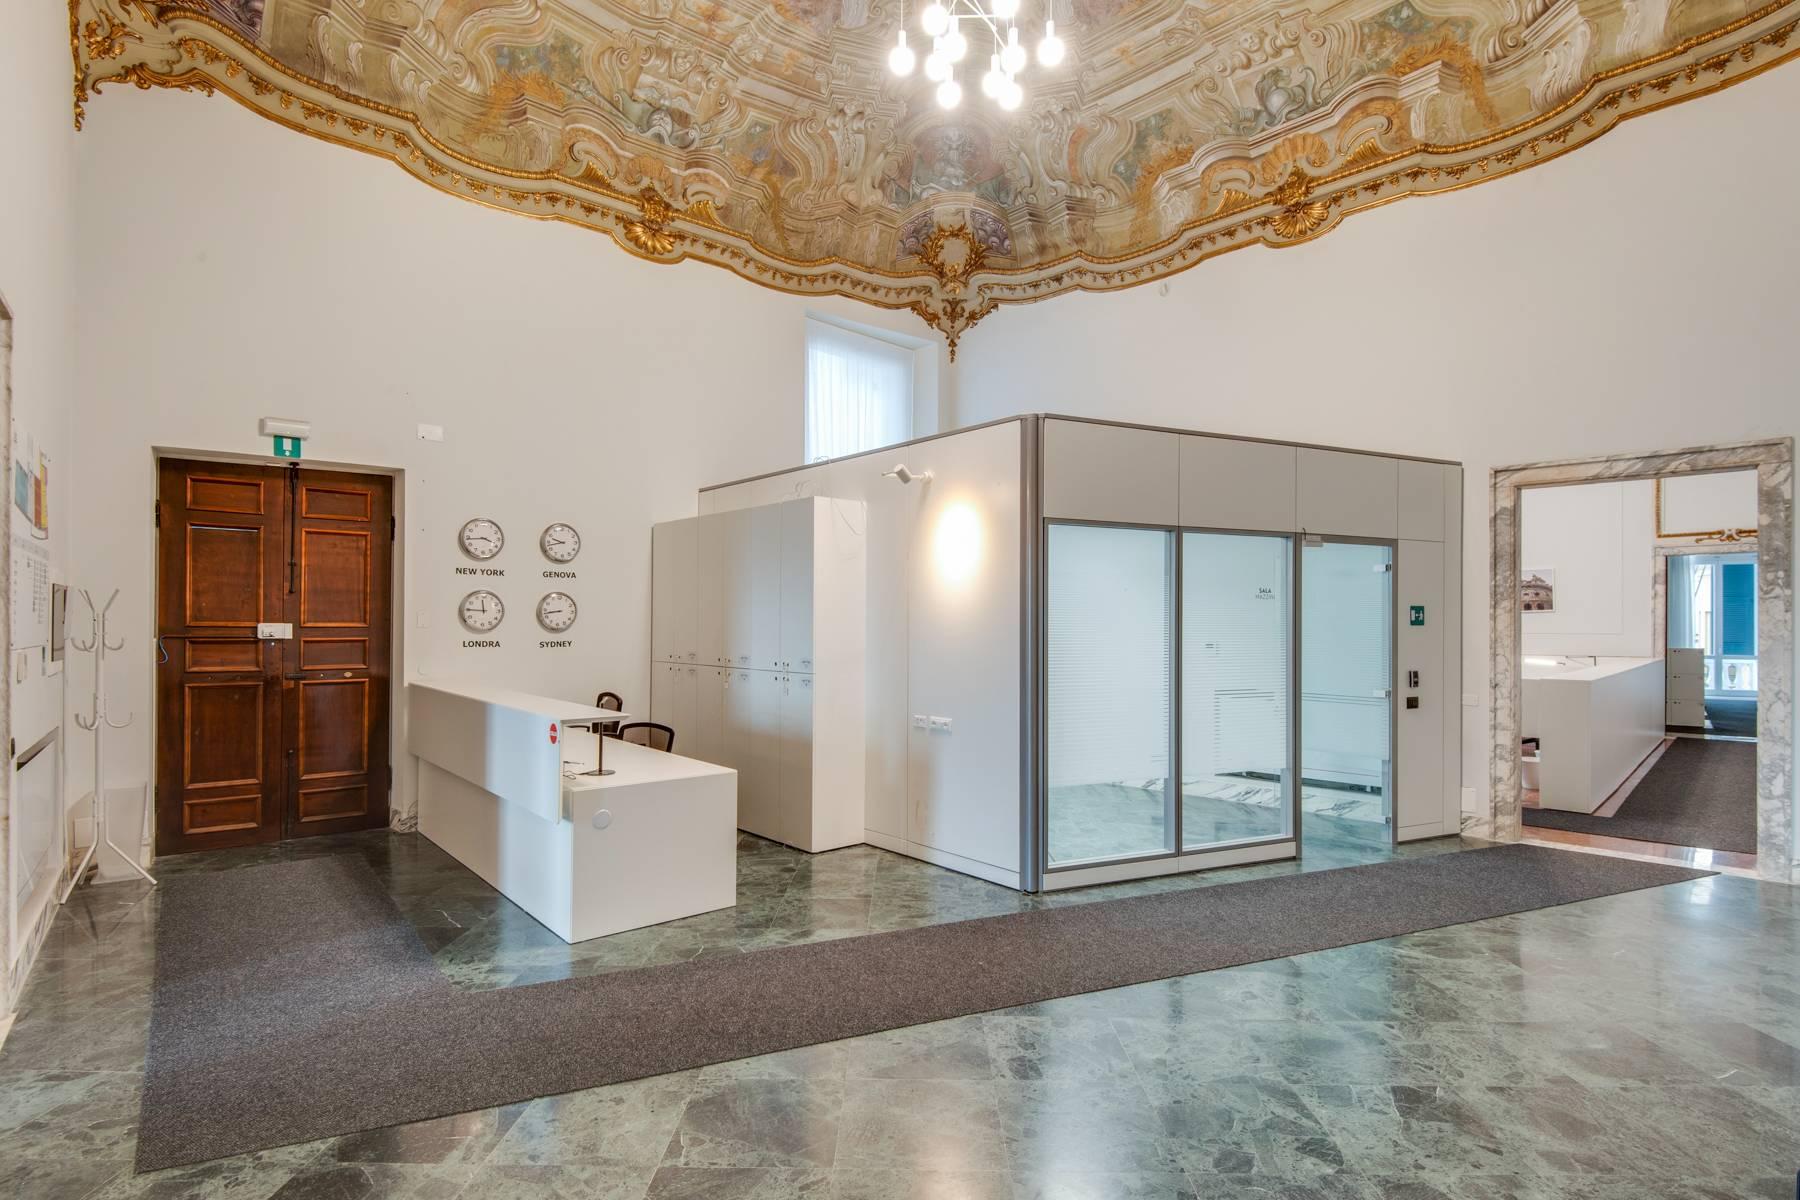 Ufficio-studio in Affitto a Genova: 0 locali, 360 mq - Foto 2